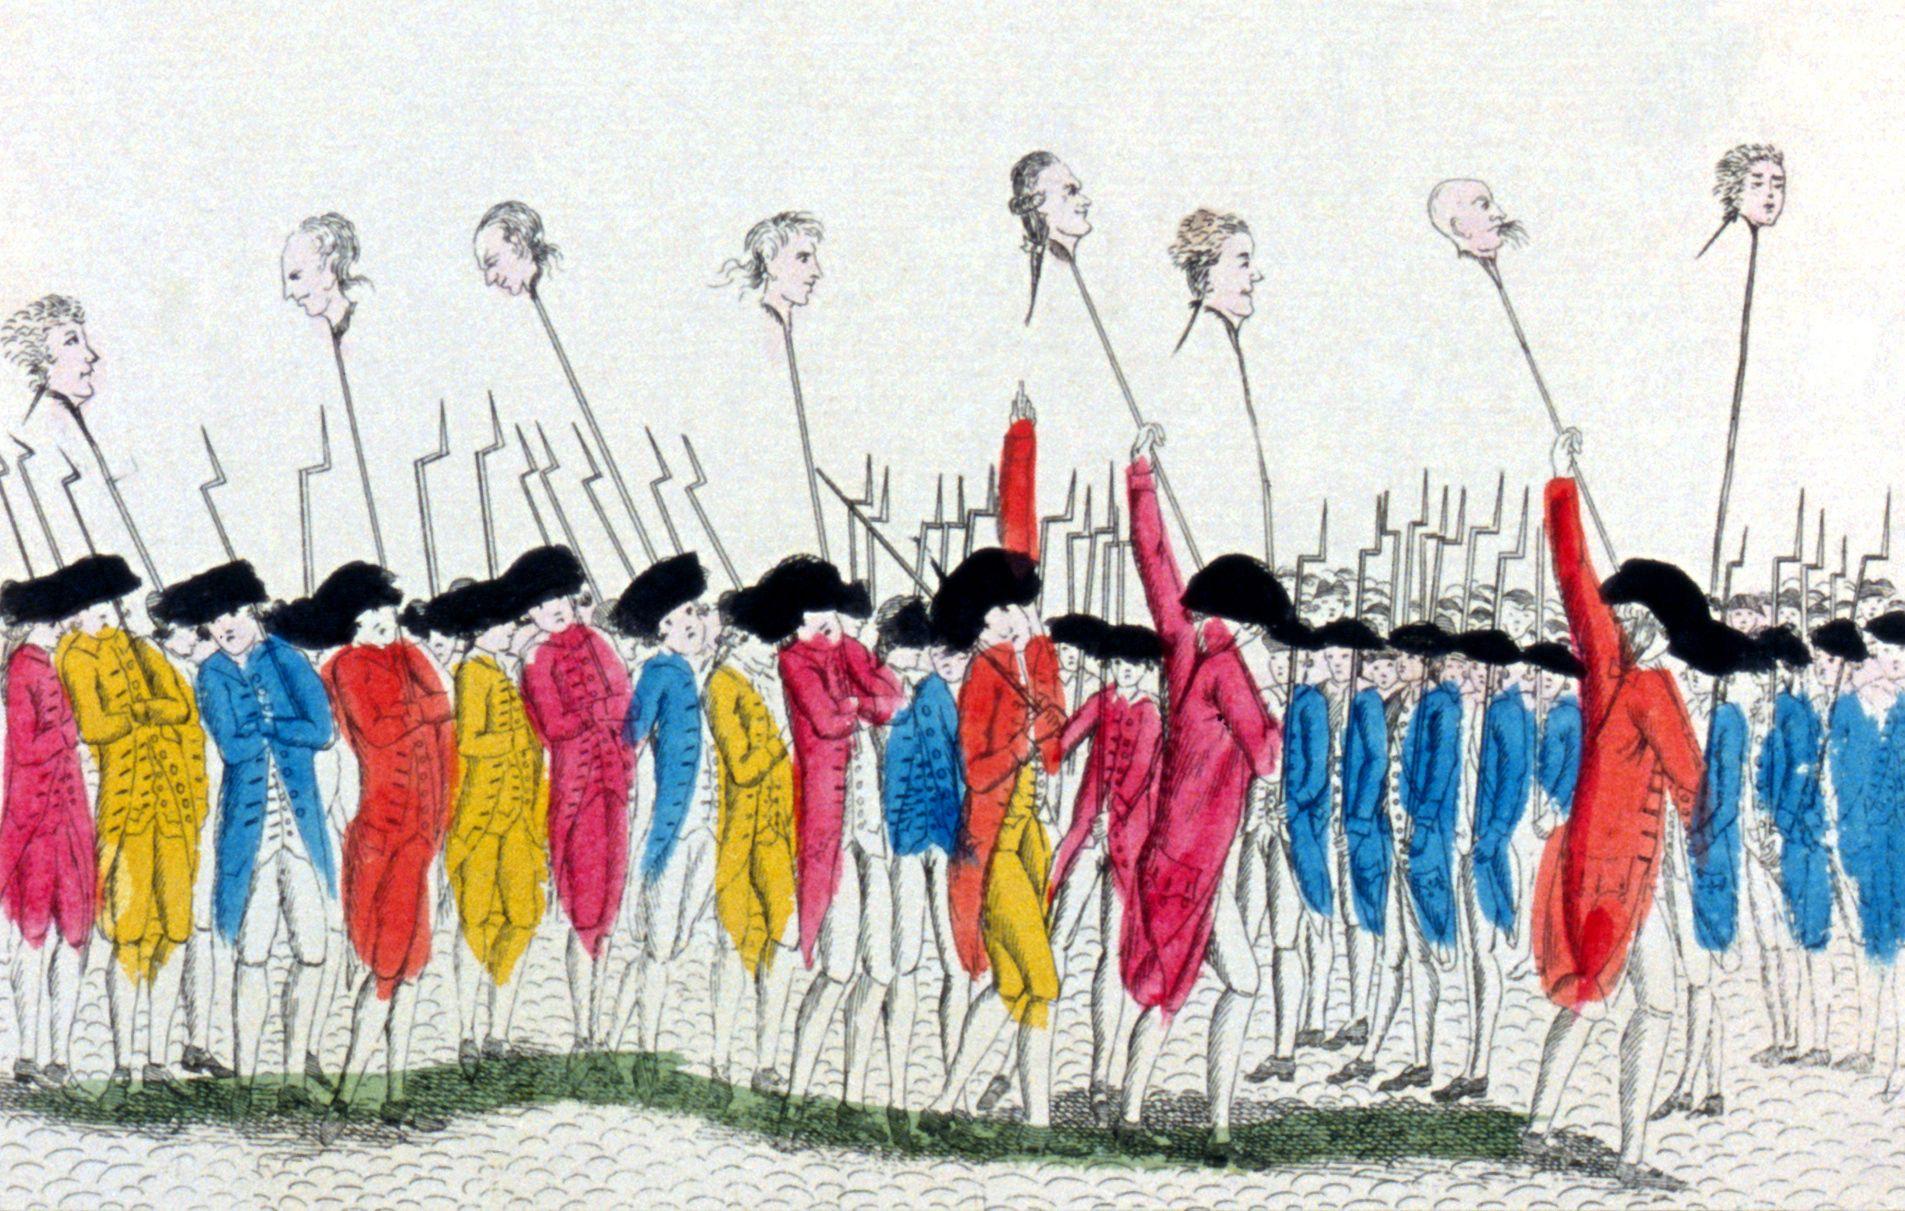 أسباب الثورة الفرنسية البعيدة